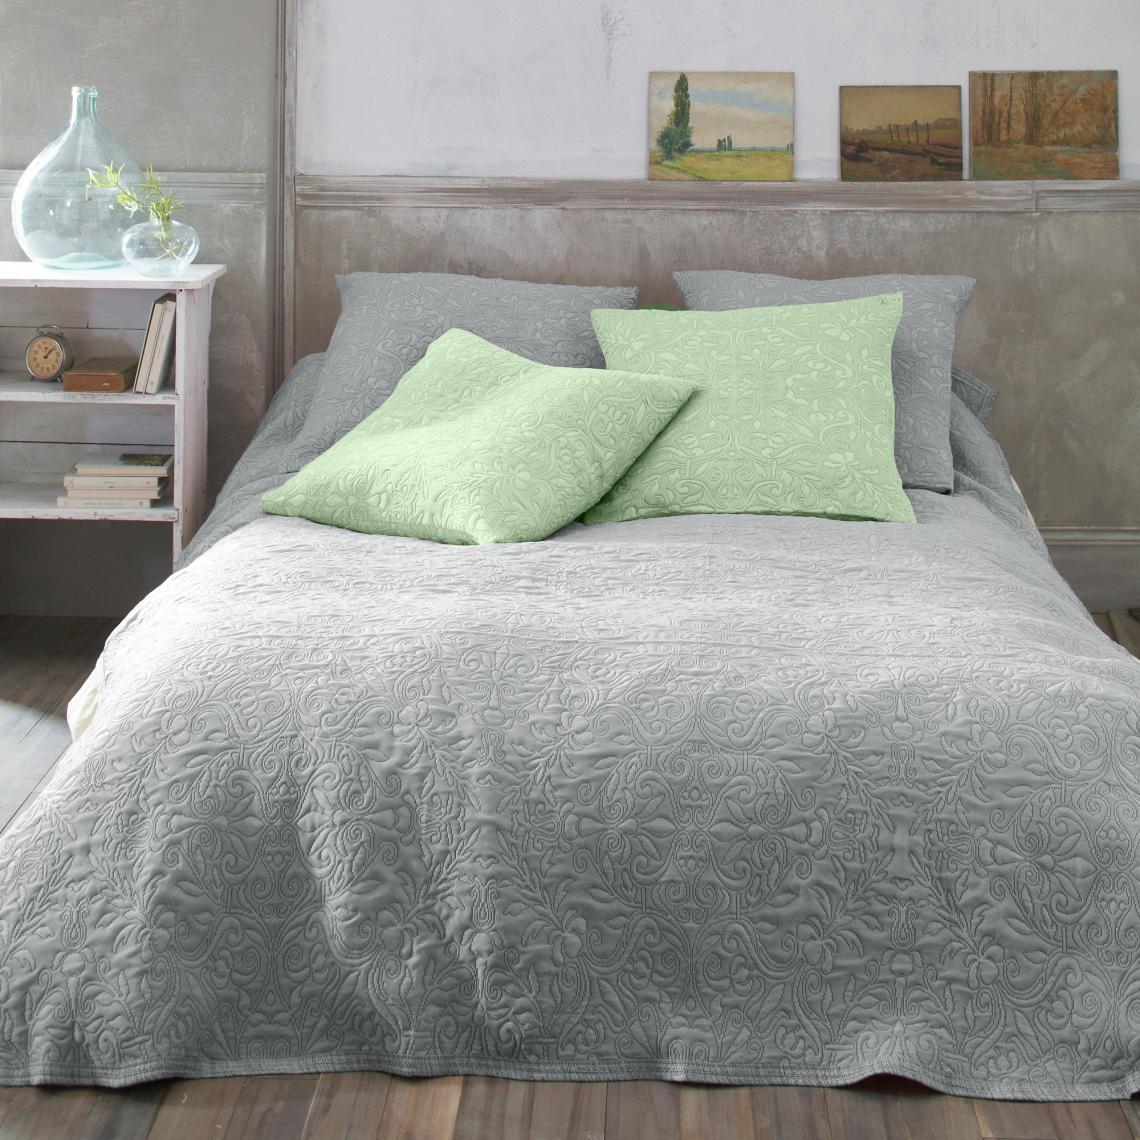 jet de lit motif fleurs effet boutis 3 suisses. Black Bedroom Furniture Sets. Home Design Ideas